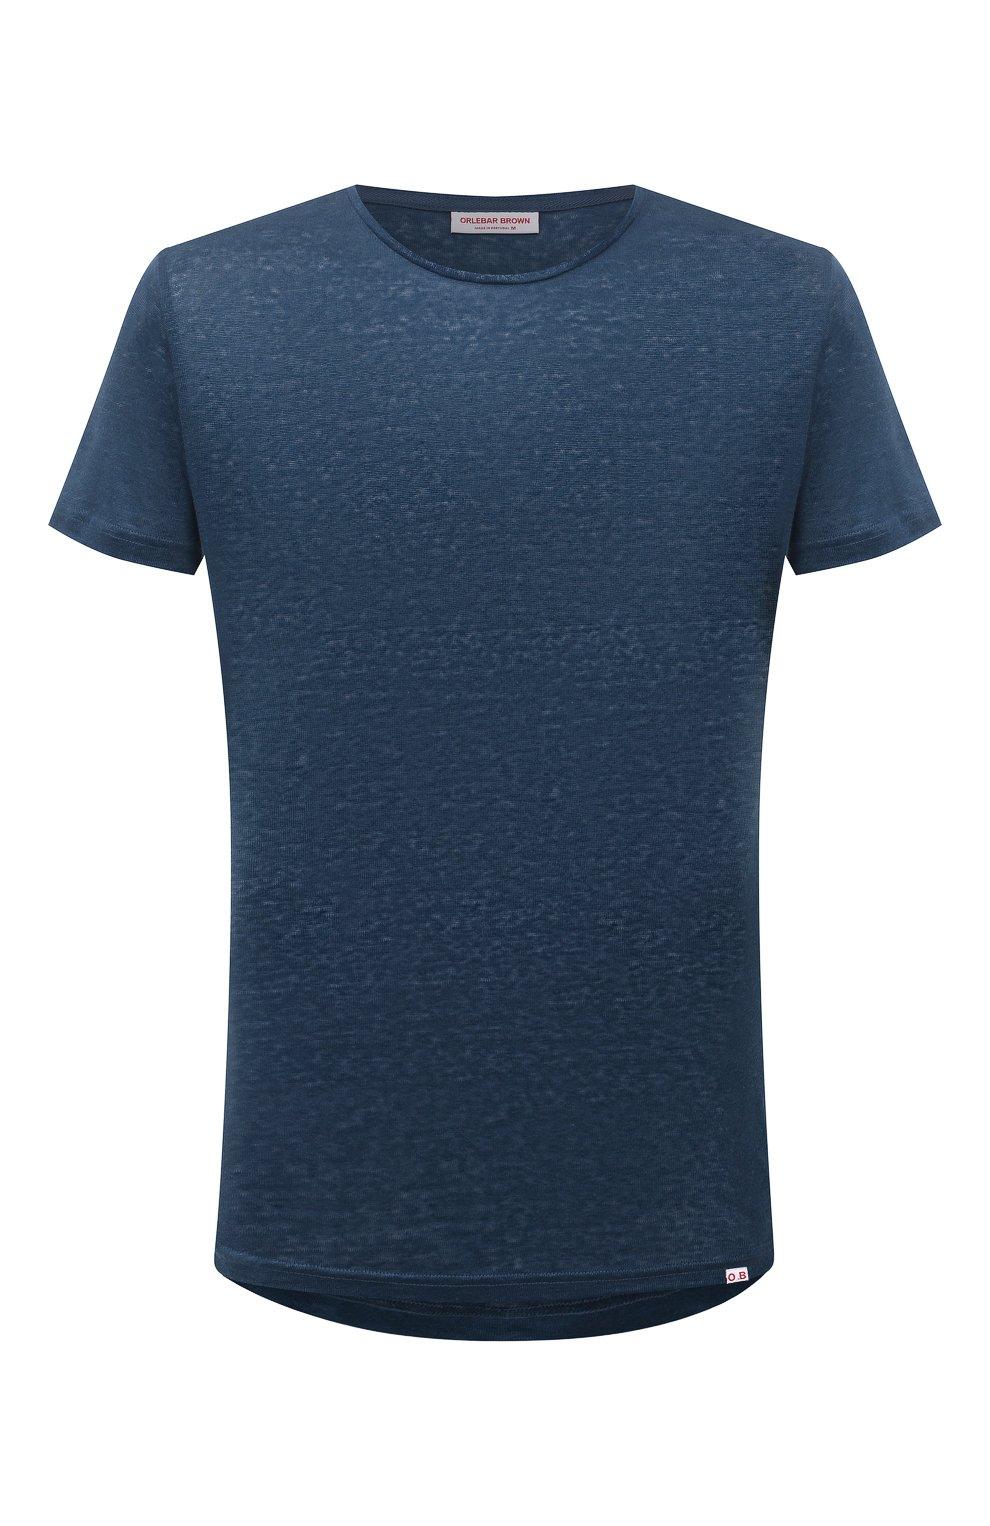 Мужская льняная футболка ORLEBAR BROWN темно-синего цвета, арт. 273700   Фото 1 (Кросс-КТ: Пляж; Принт: Без принта; Рукава: Короткие; Длина (для топов): Стандартные; Материал внешний: Лен; Стили: Кэжуэл)